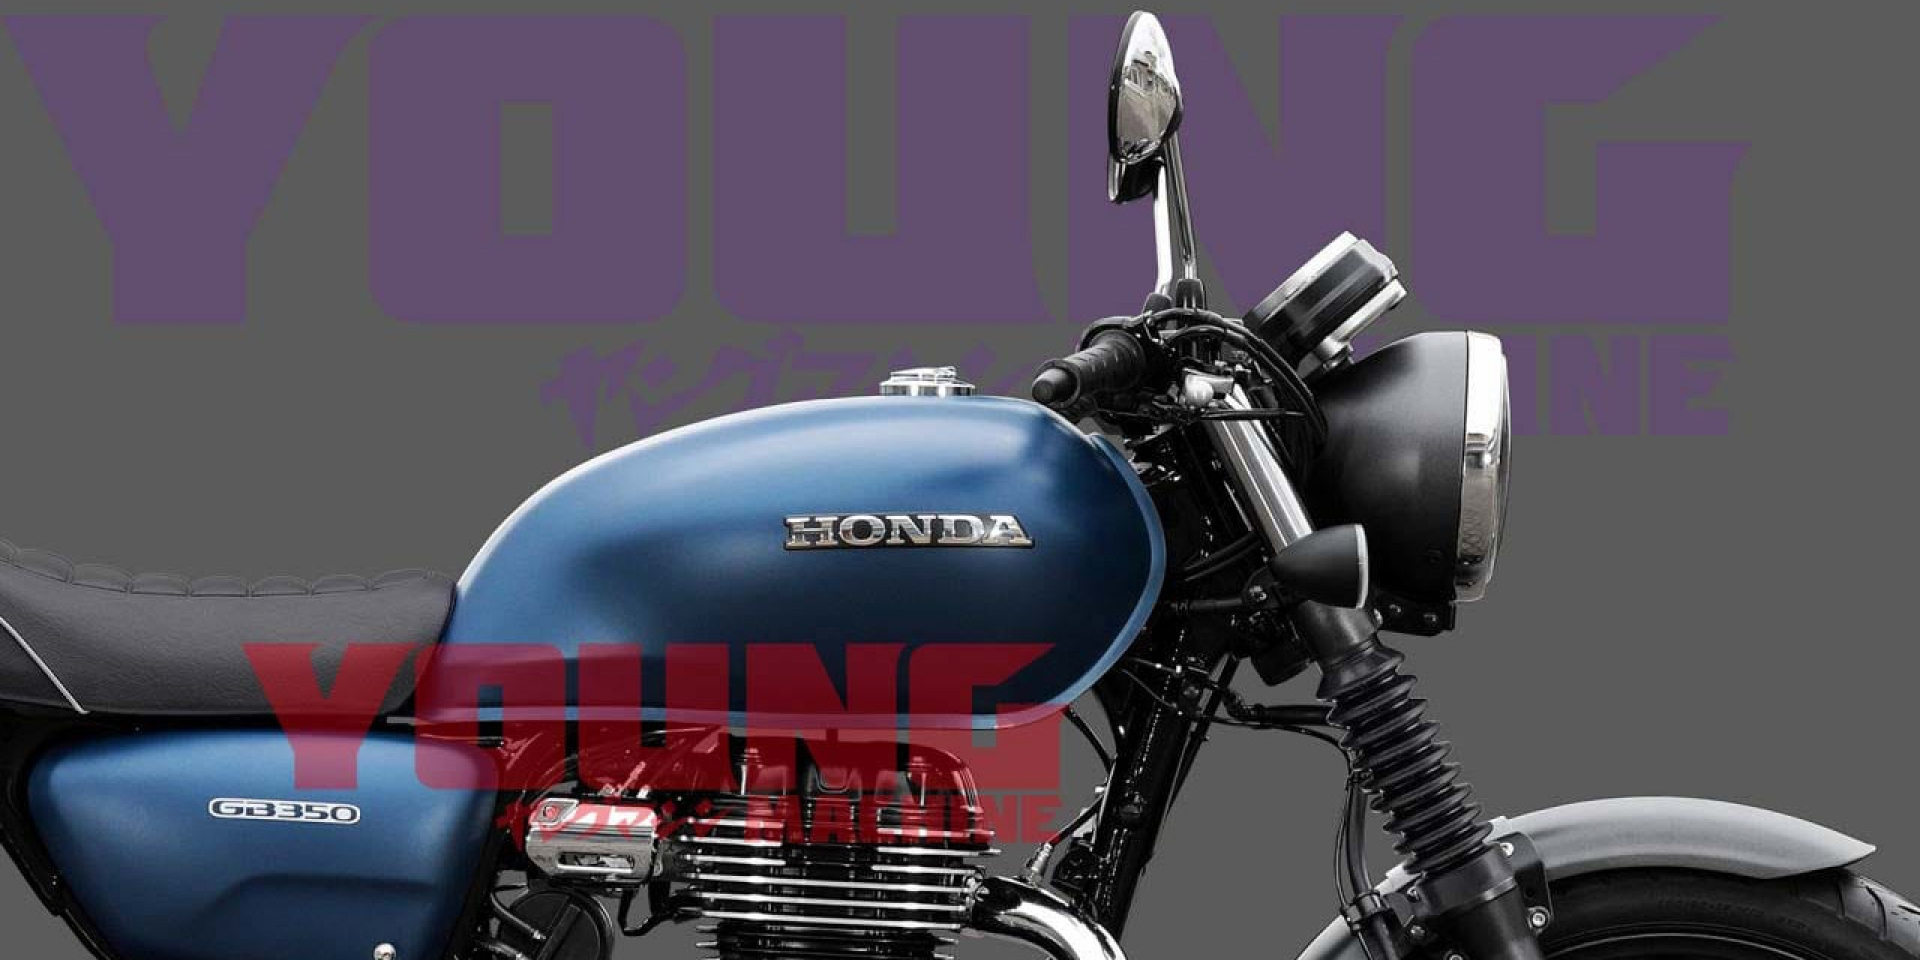 HONDA GB350日媒紙上改車,小改細節質感翻倍!